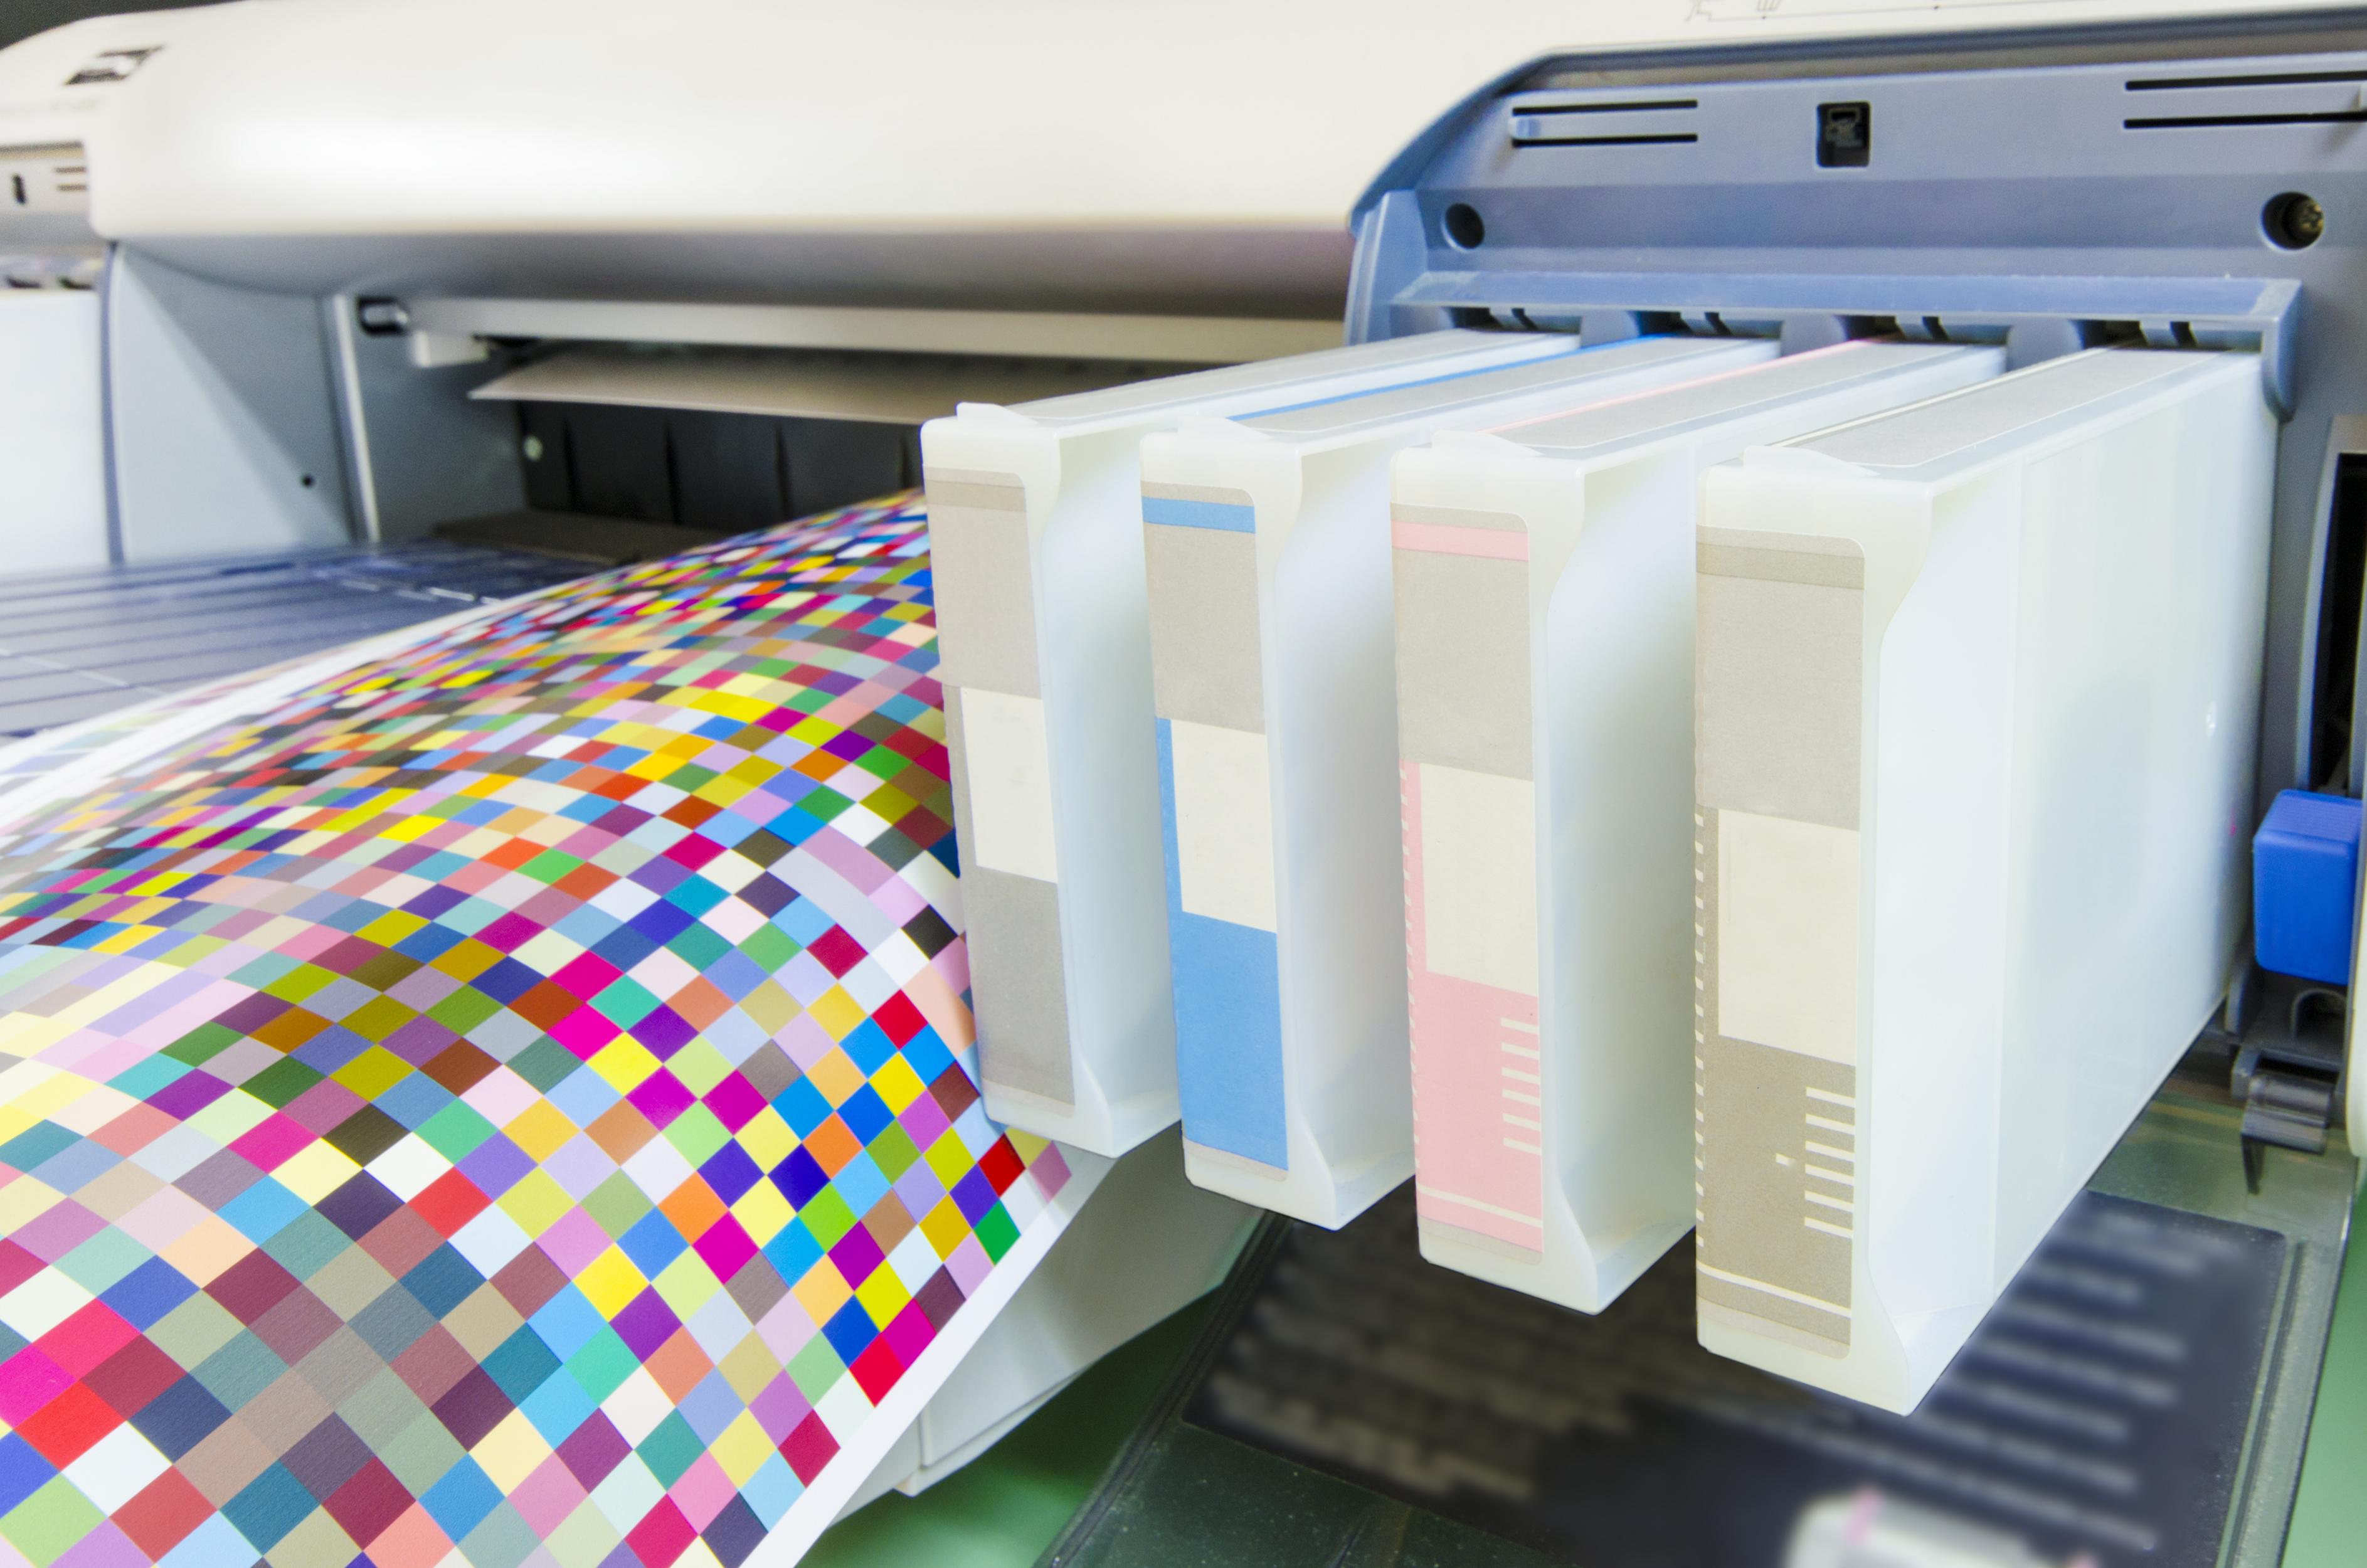 Cómo preparar una imagen para la impresión en gran formato